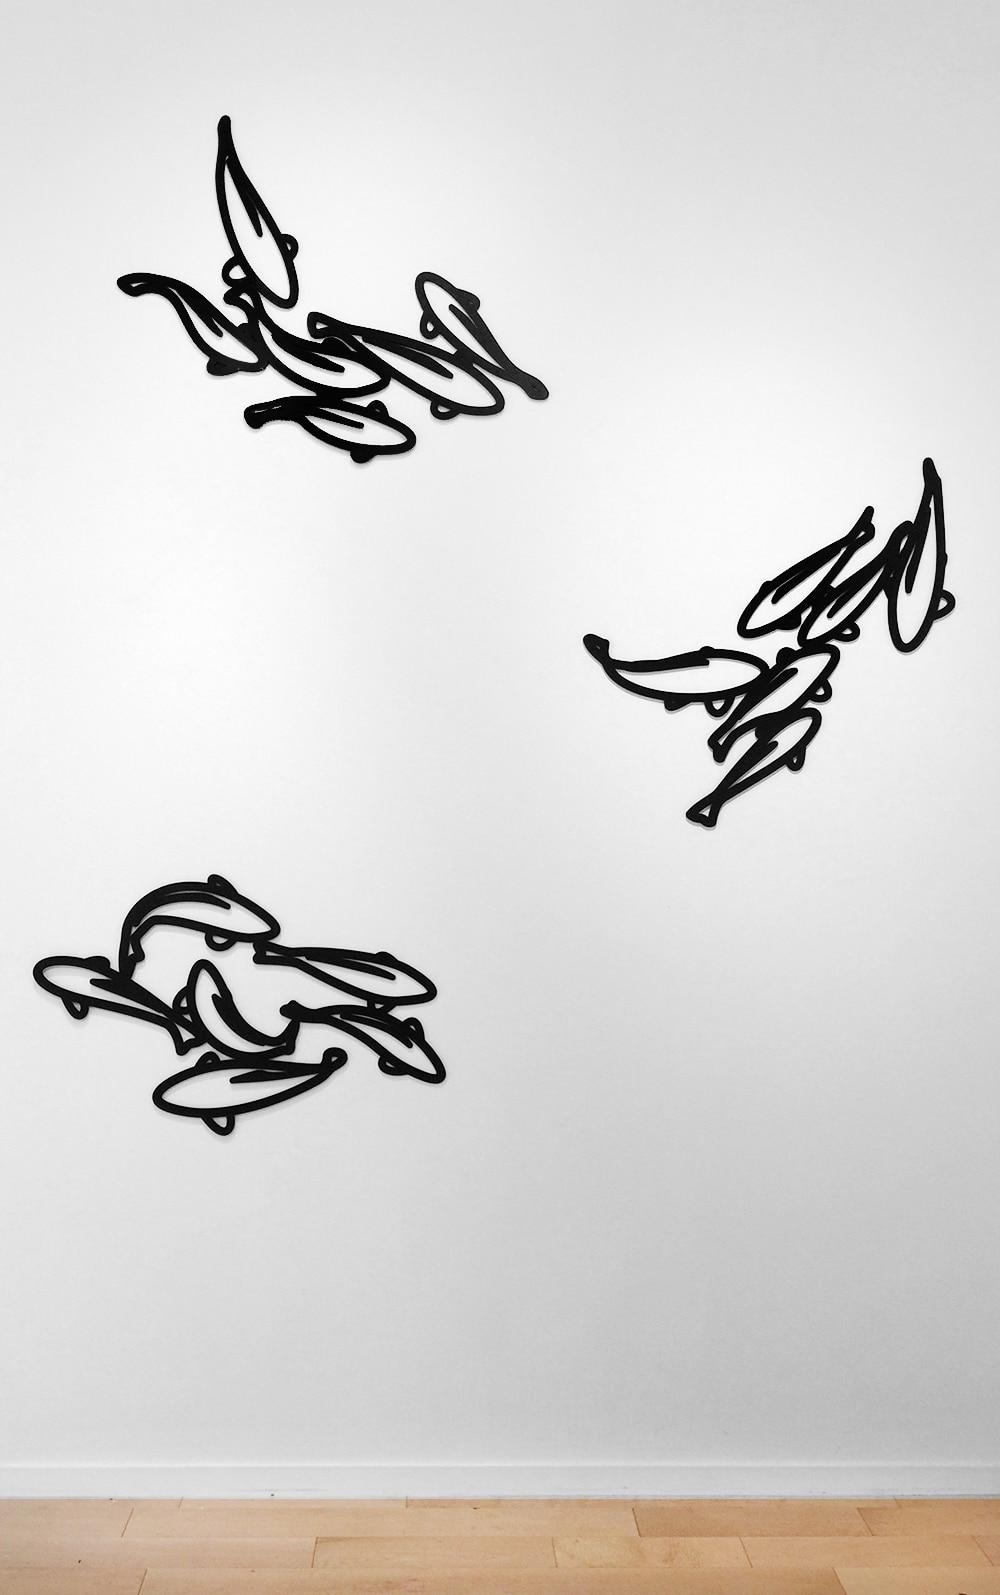 Julian Opie Wall Sculptures of Fish